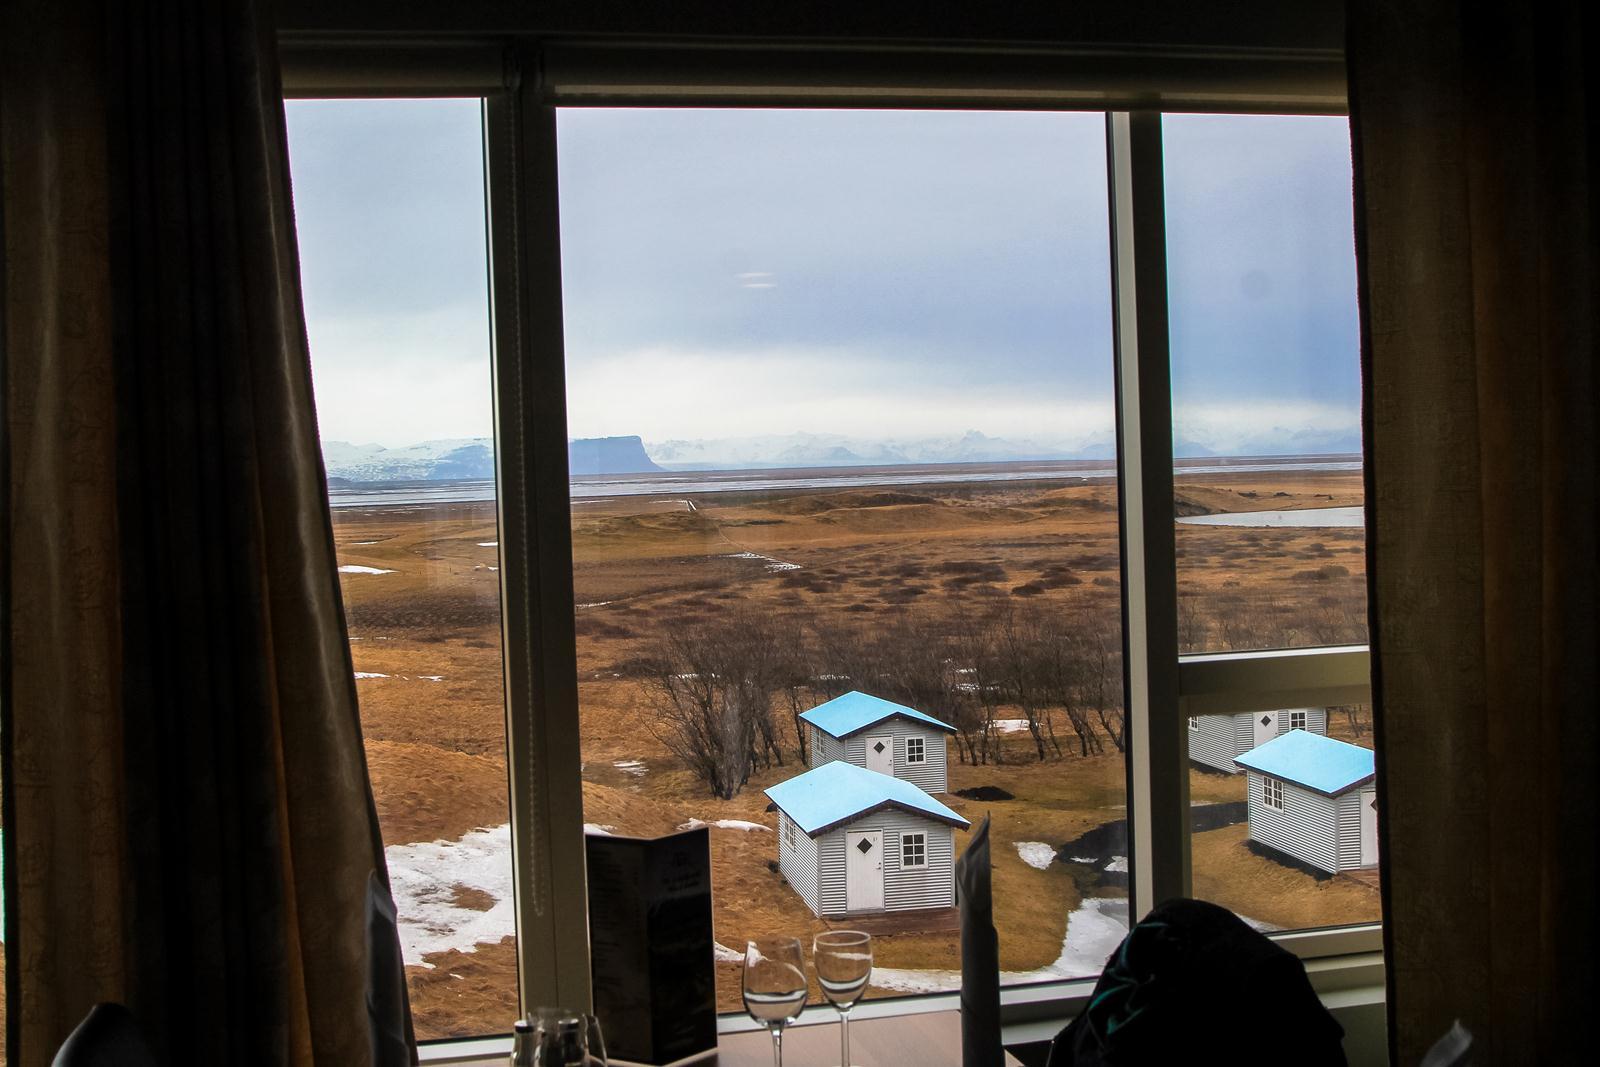 5 Course Meal at Hotel Laki and Jökulsárlón - The Iceberg Lagoon (40)